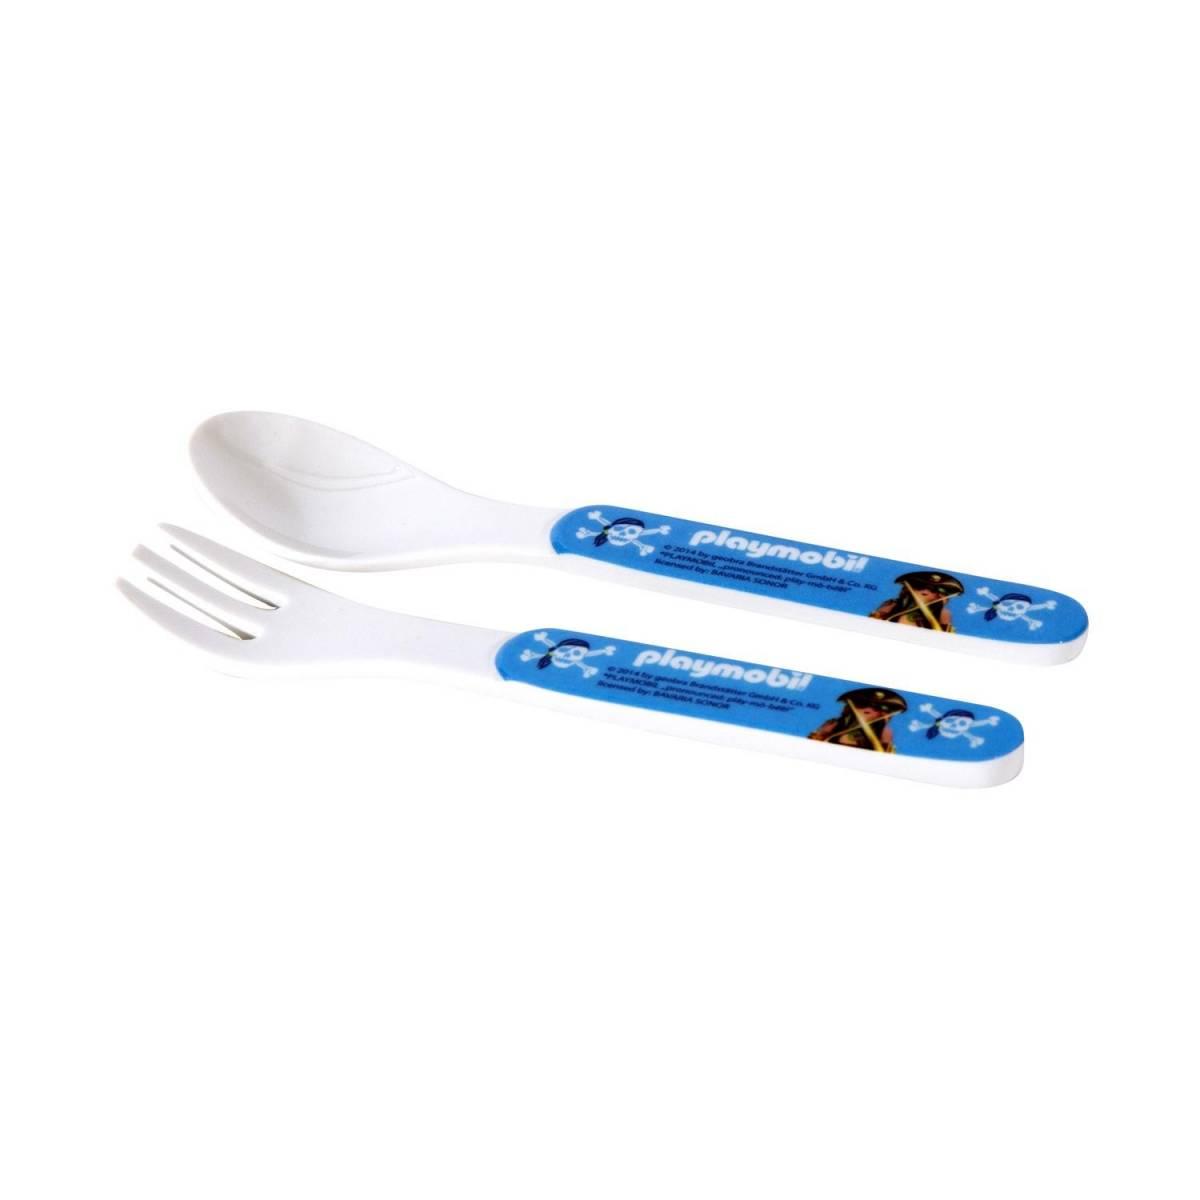 Cuillère et fourchette Playmobil - bleu